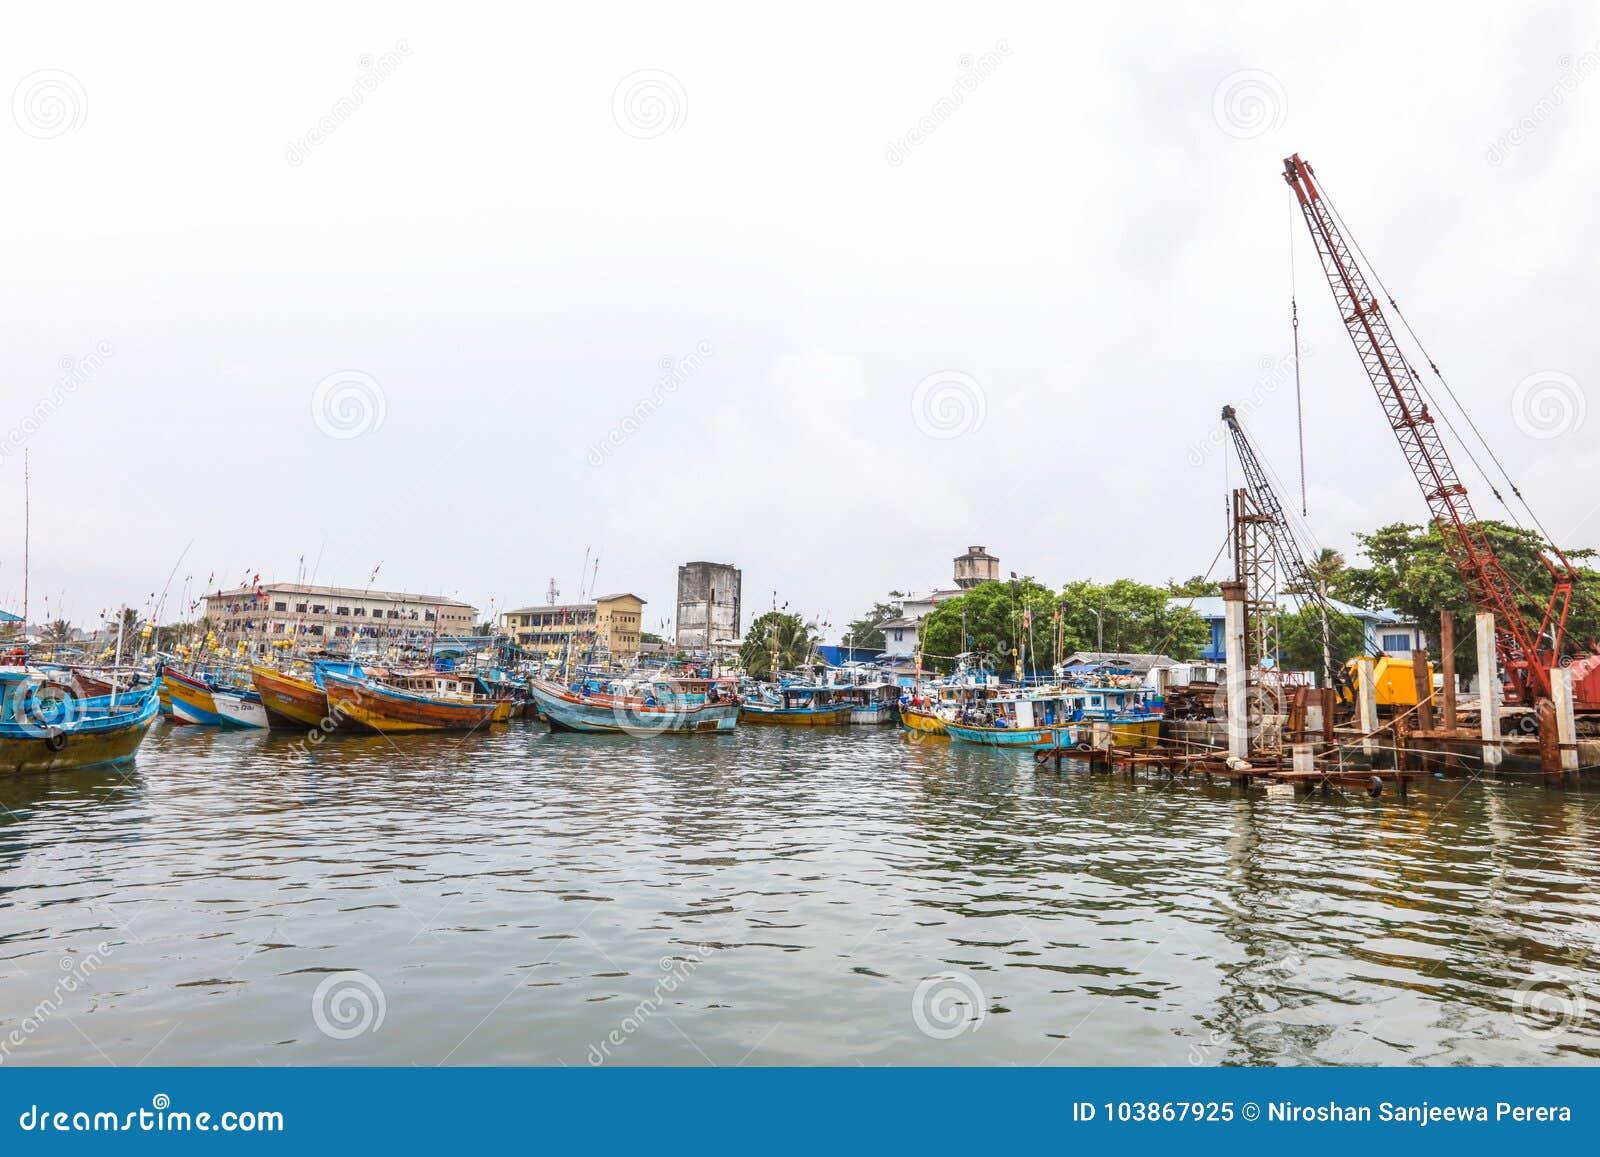 Les bateaux de pêche se tiennent dans le port de Galle, Sri Lanka